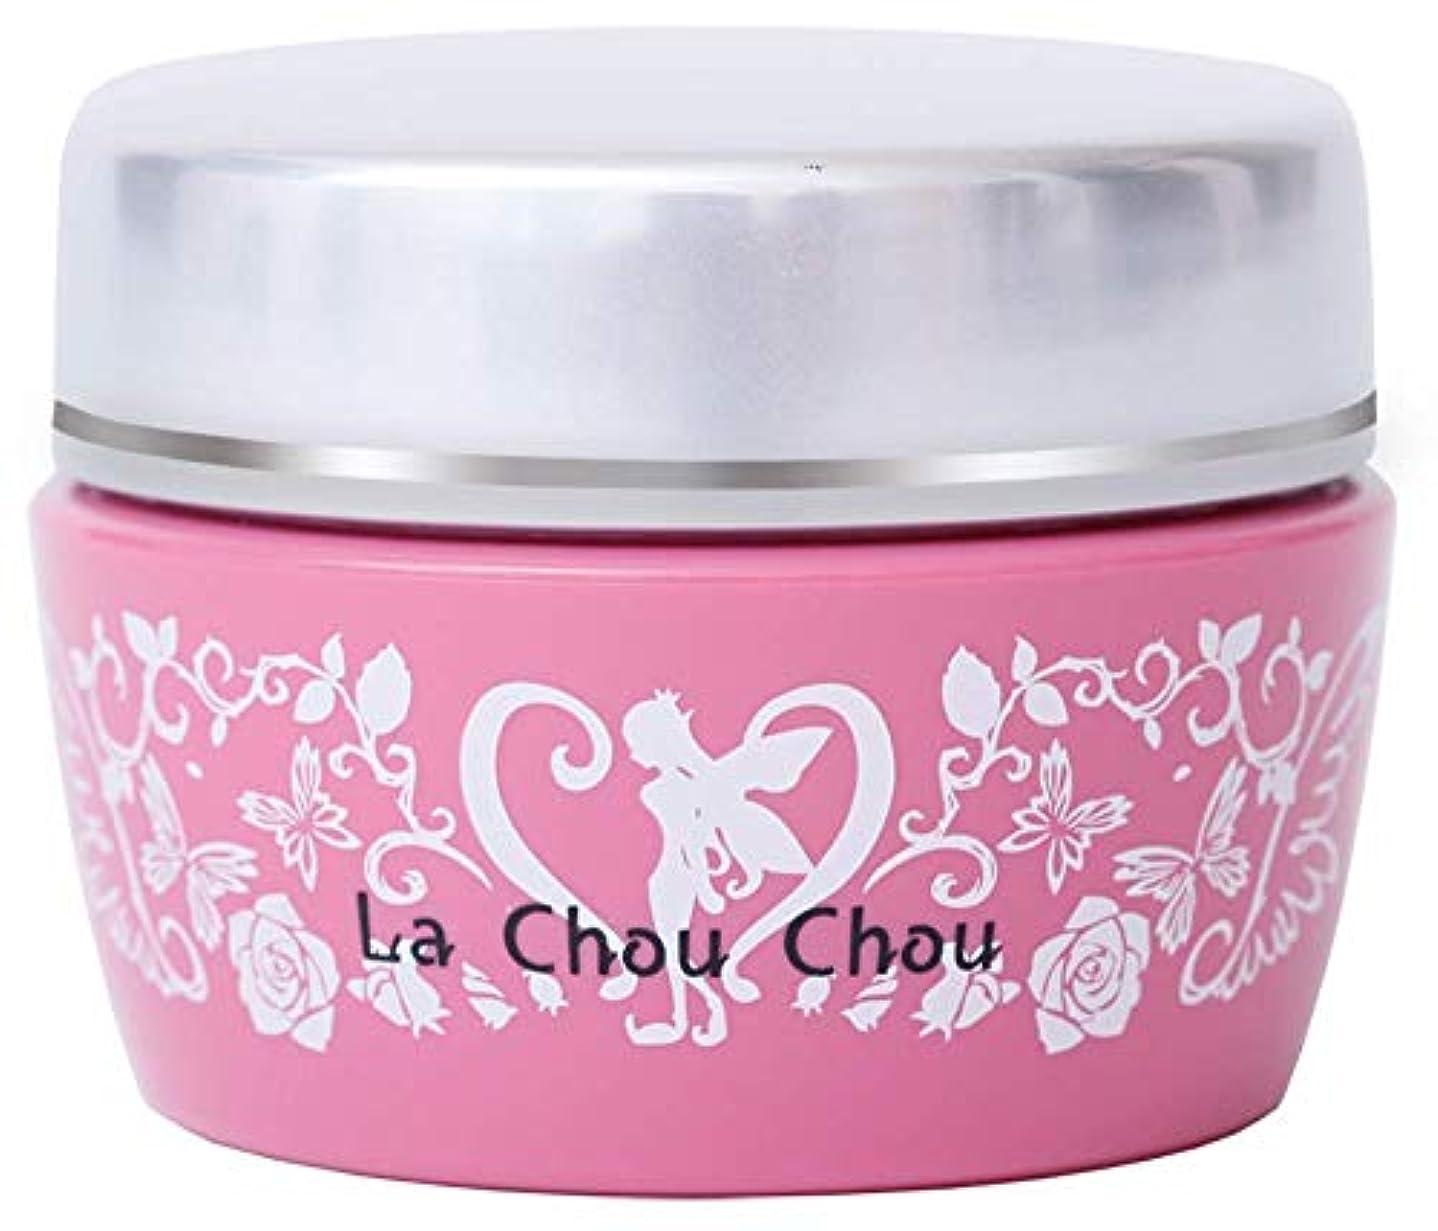 シマウマ用量おばあさんla chou chou ラシュシュナノプラス 3個セット ラシュシュ バストクリーム バストジェル